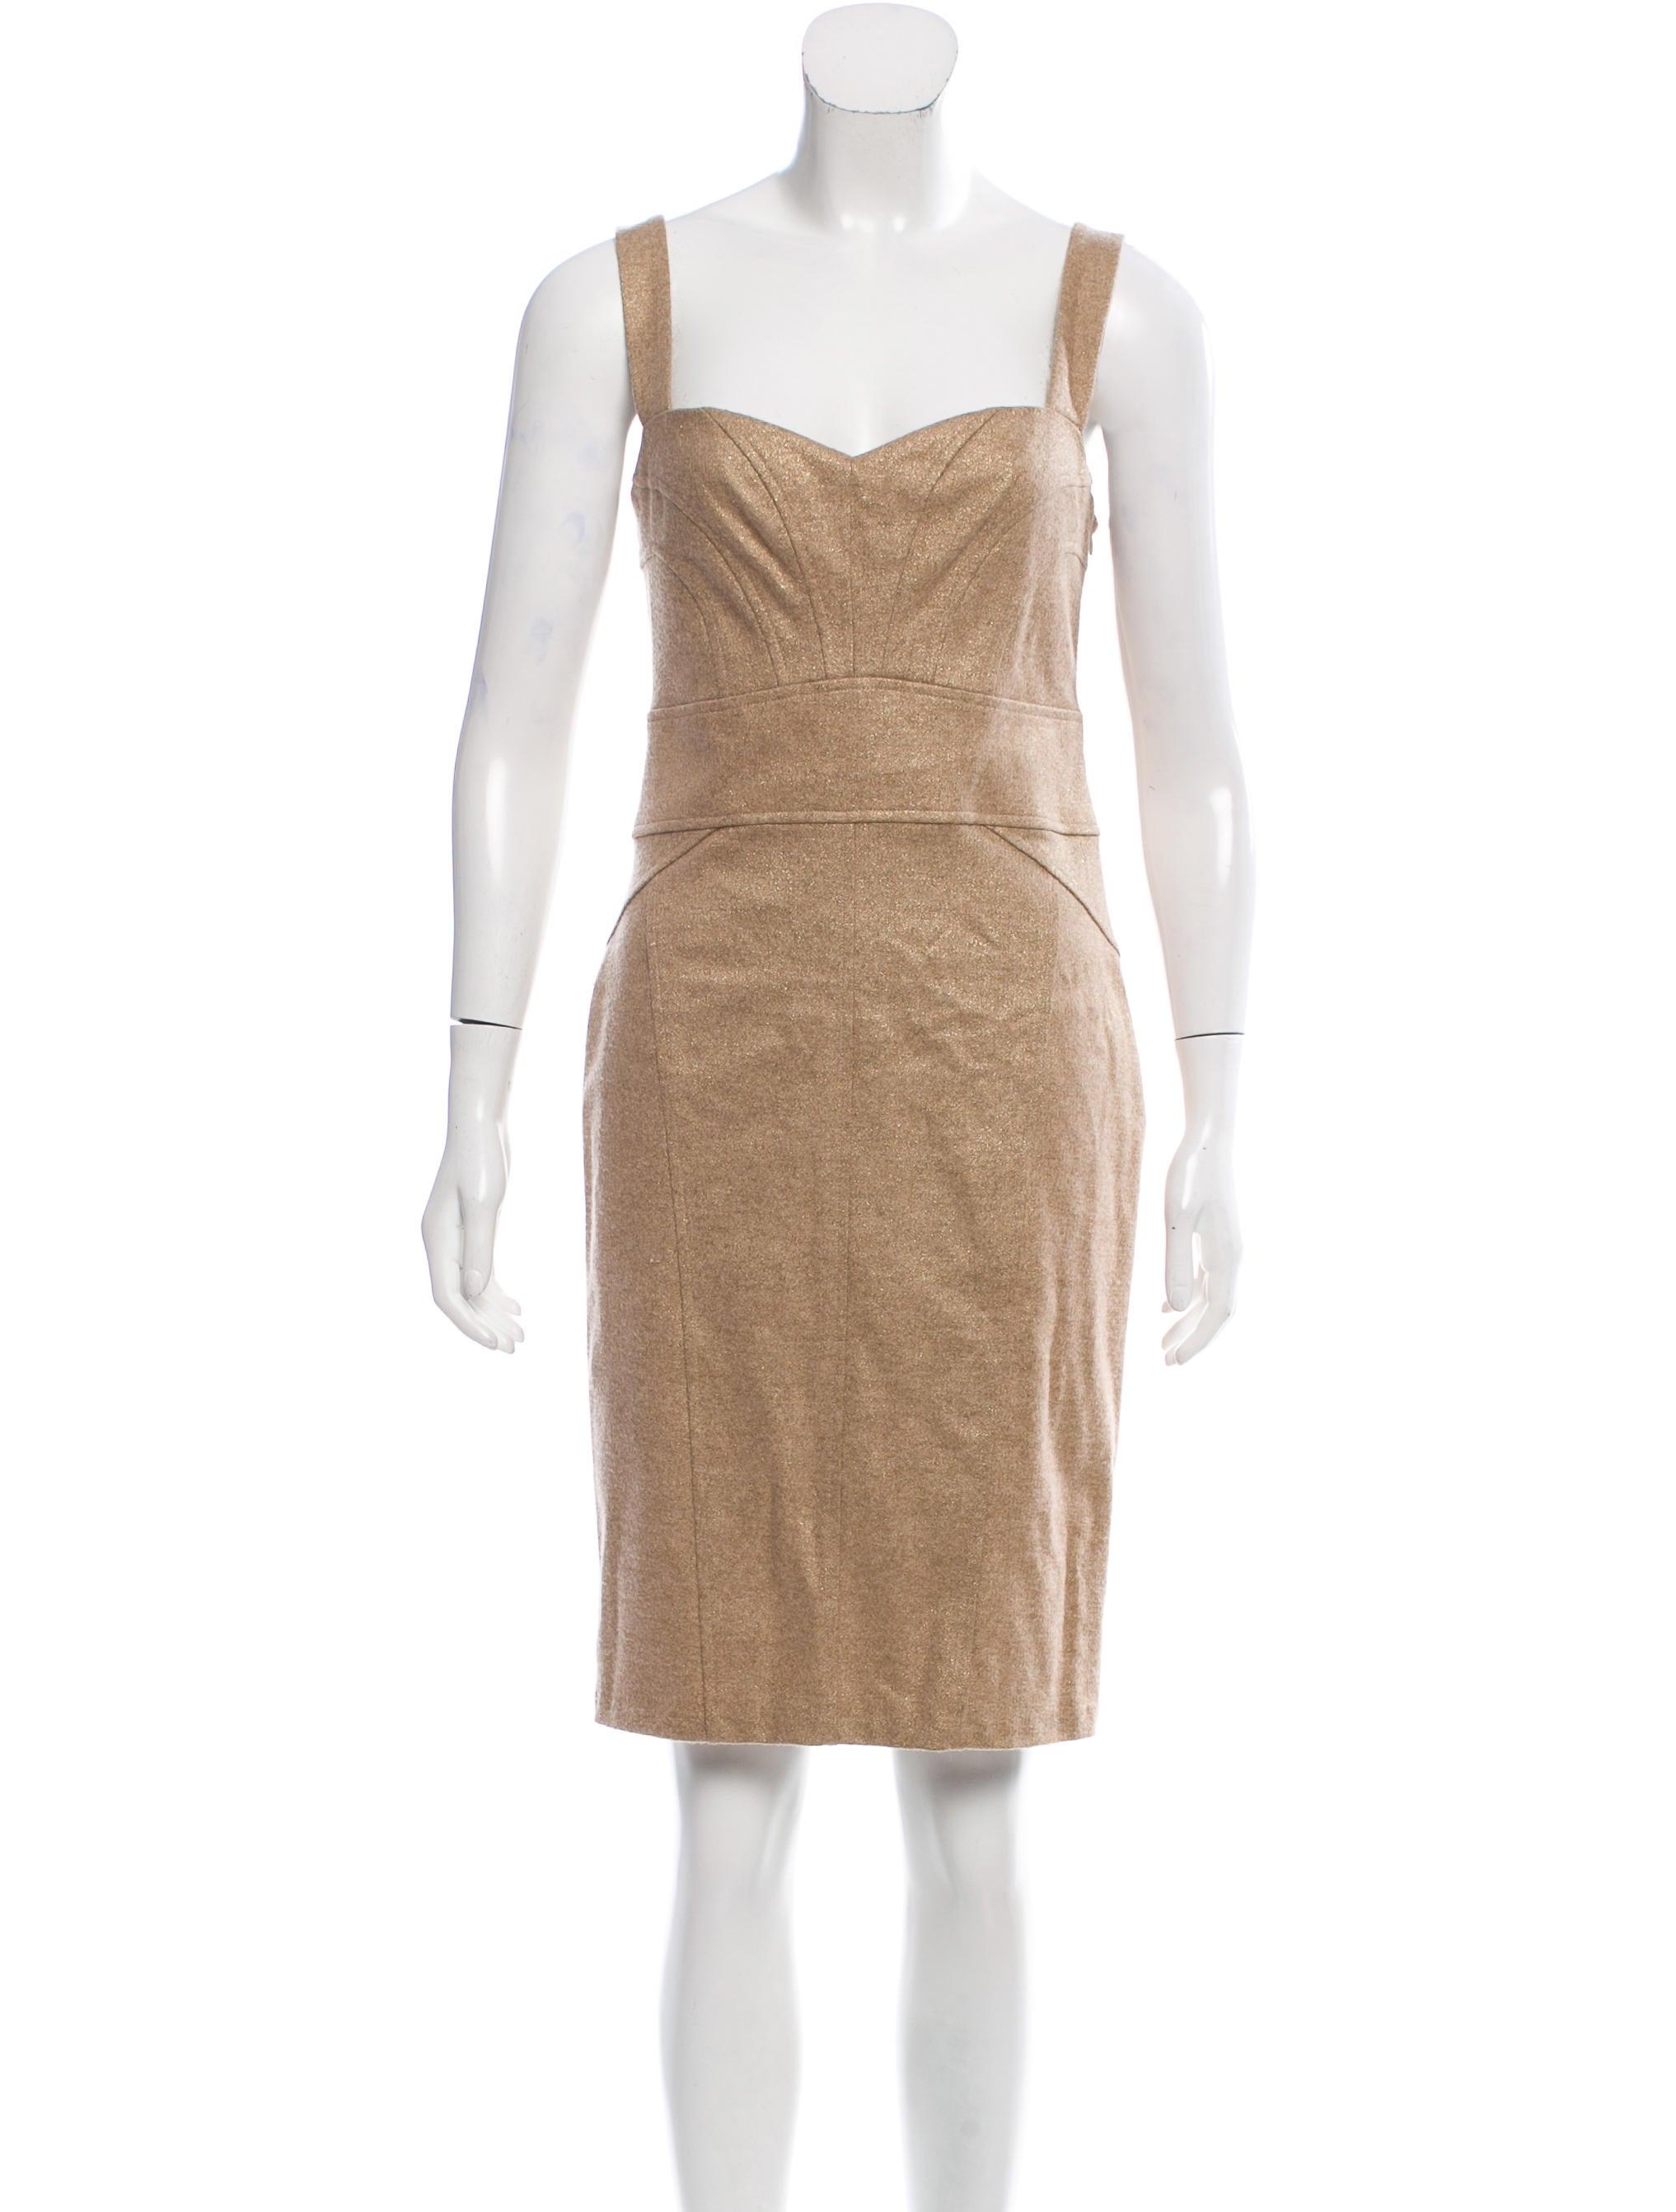 Diane von furstenberg jiwon metallic dress clothing for Diane von furstenberg clothing